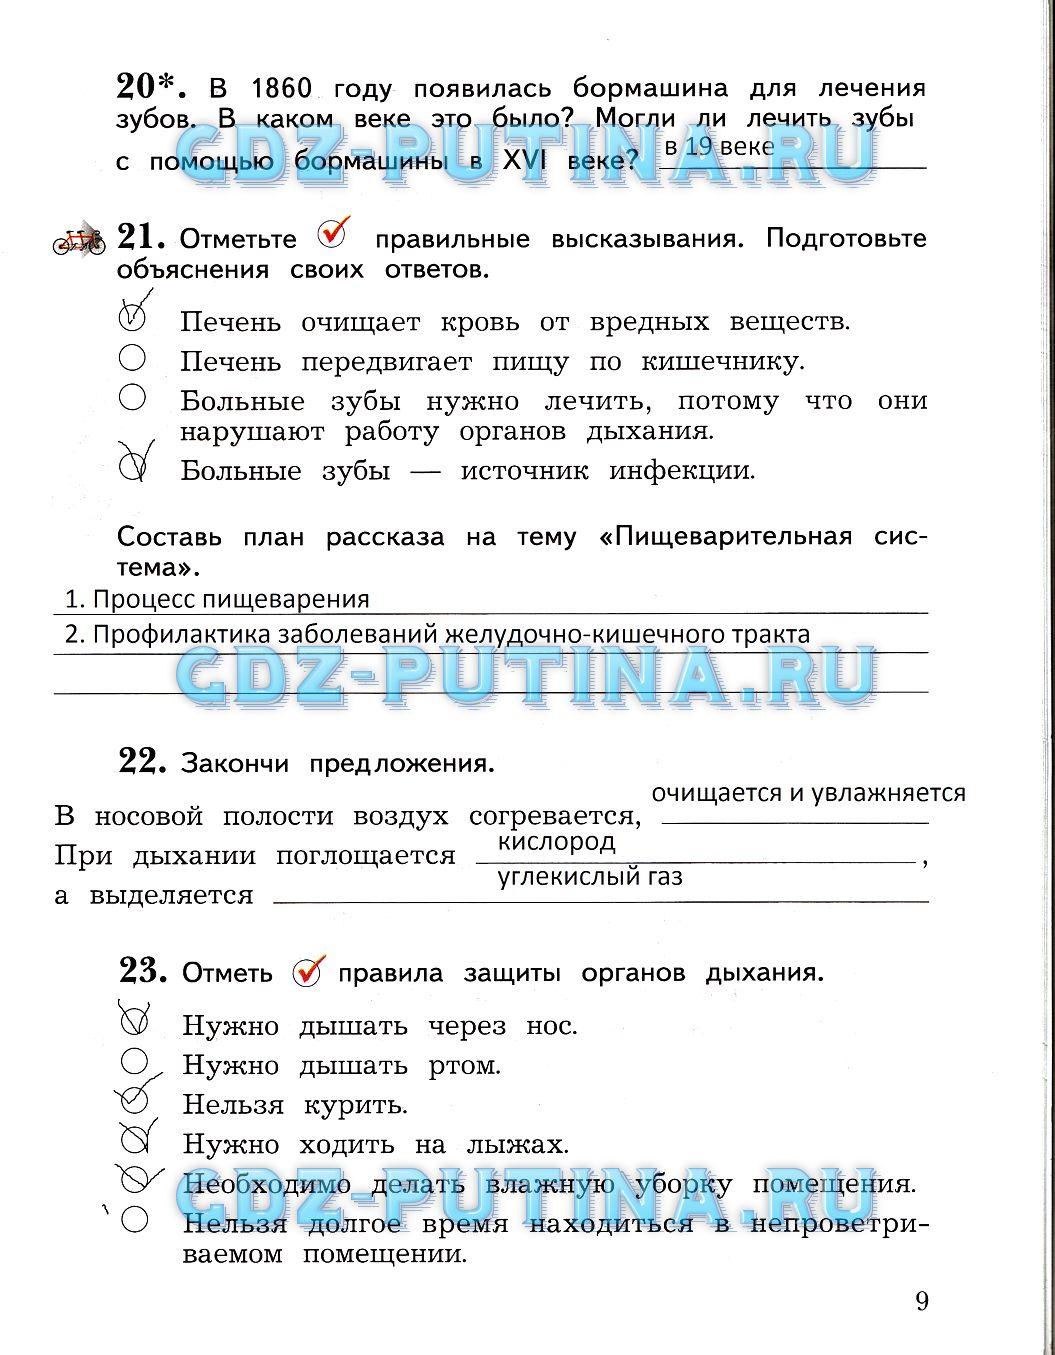 Онлайн решебник 4 класс русский язык виноградова